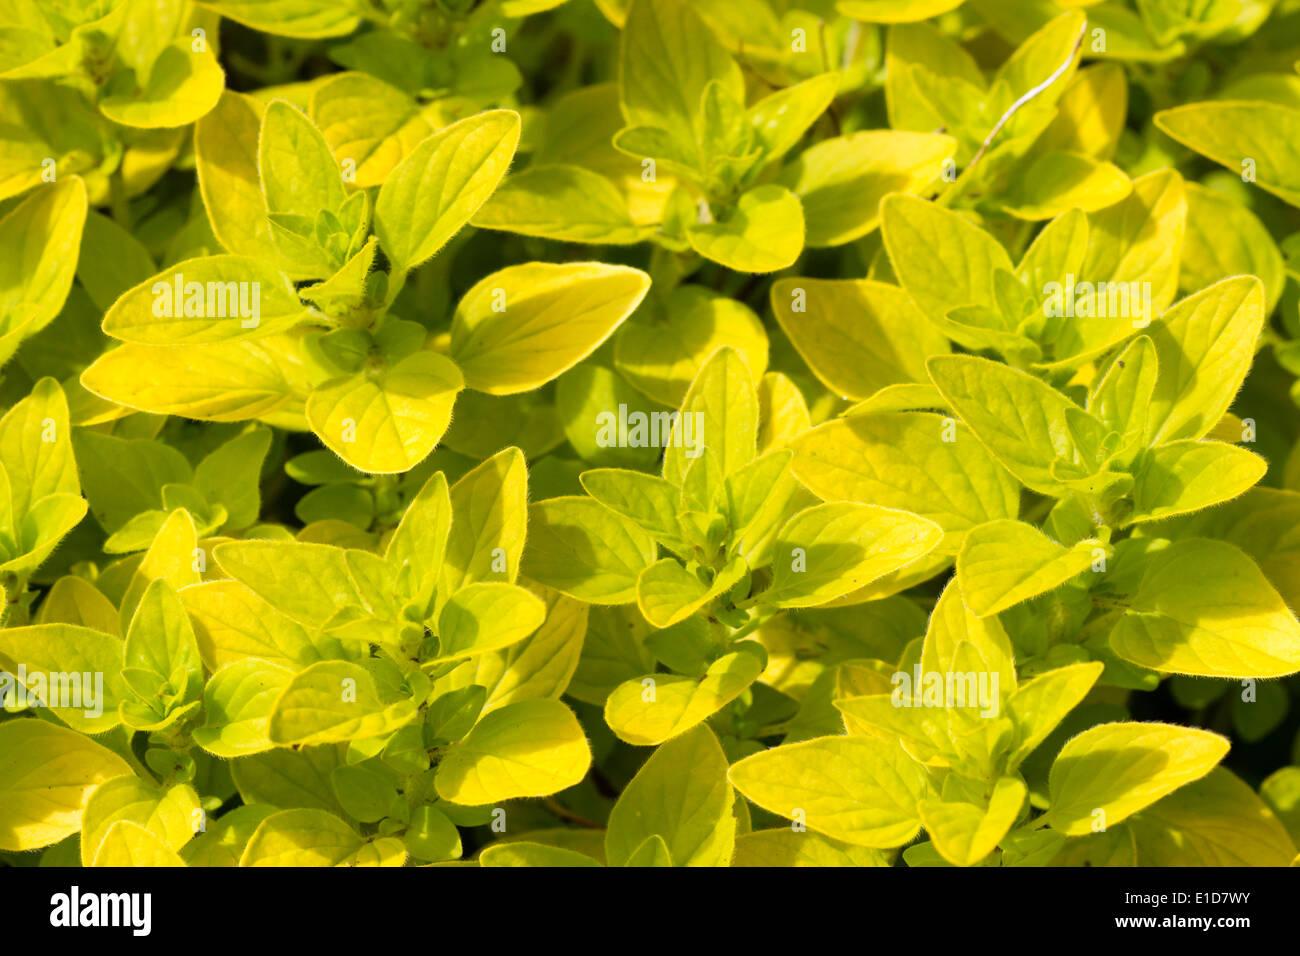 Golden foliage of Origanum vulgare 'Aureum', golden marjoram - Stock Image